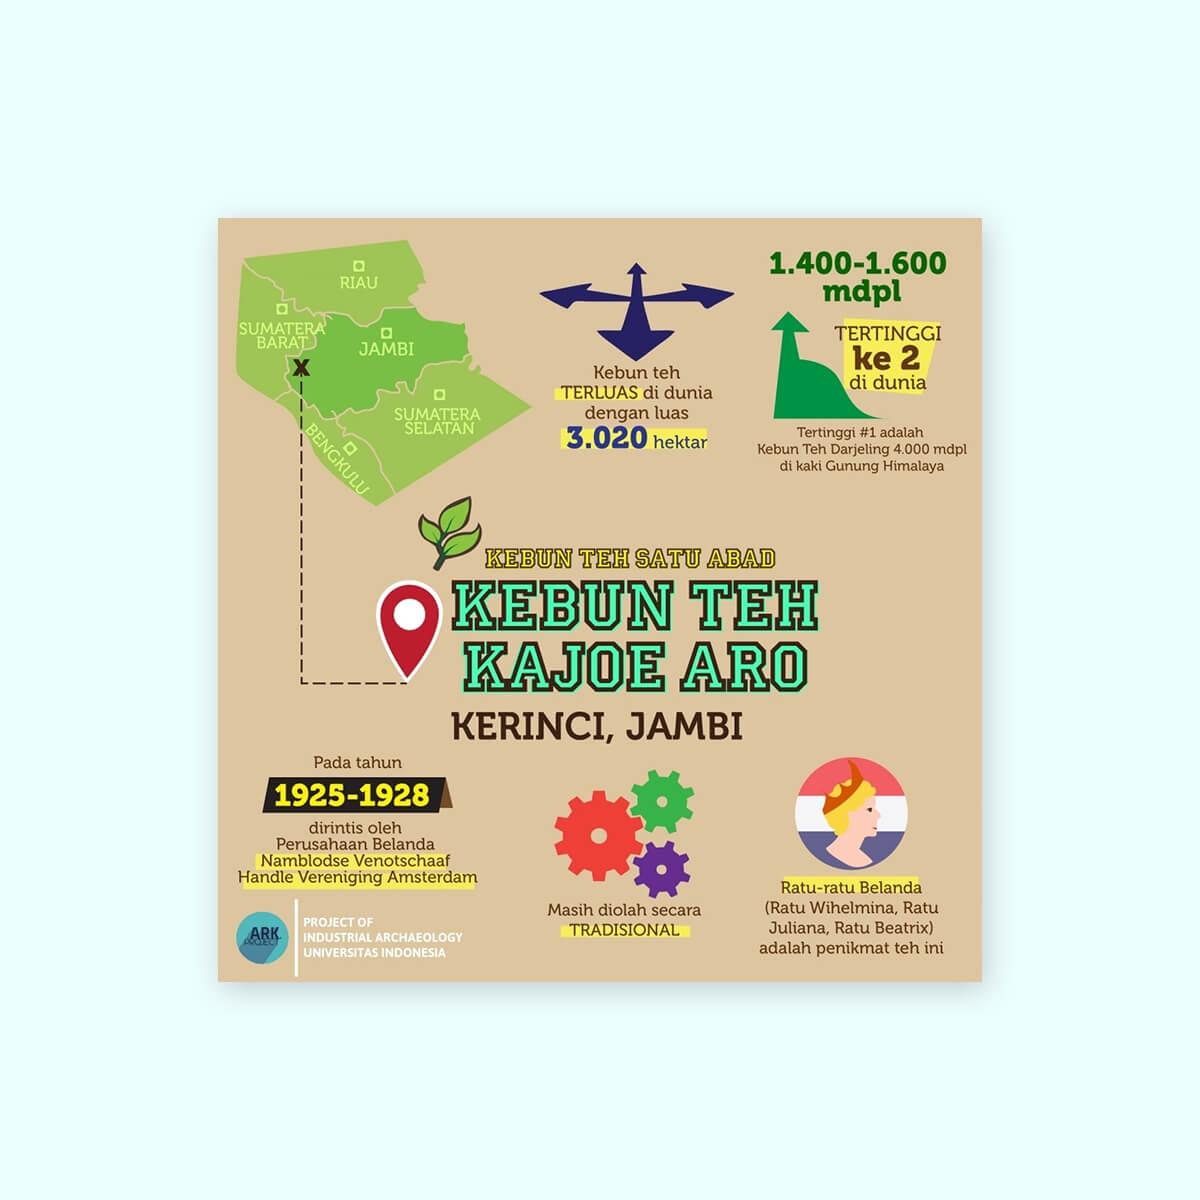 Desain Prita - Infografis Kebun Teh Kajoe Aro